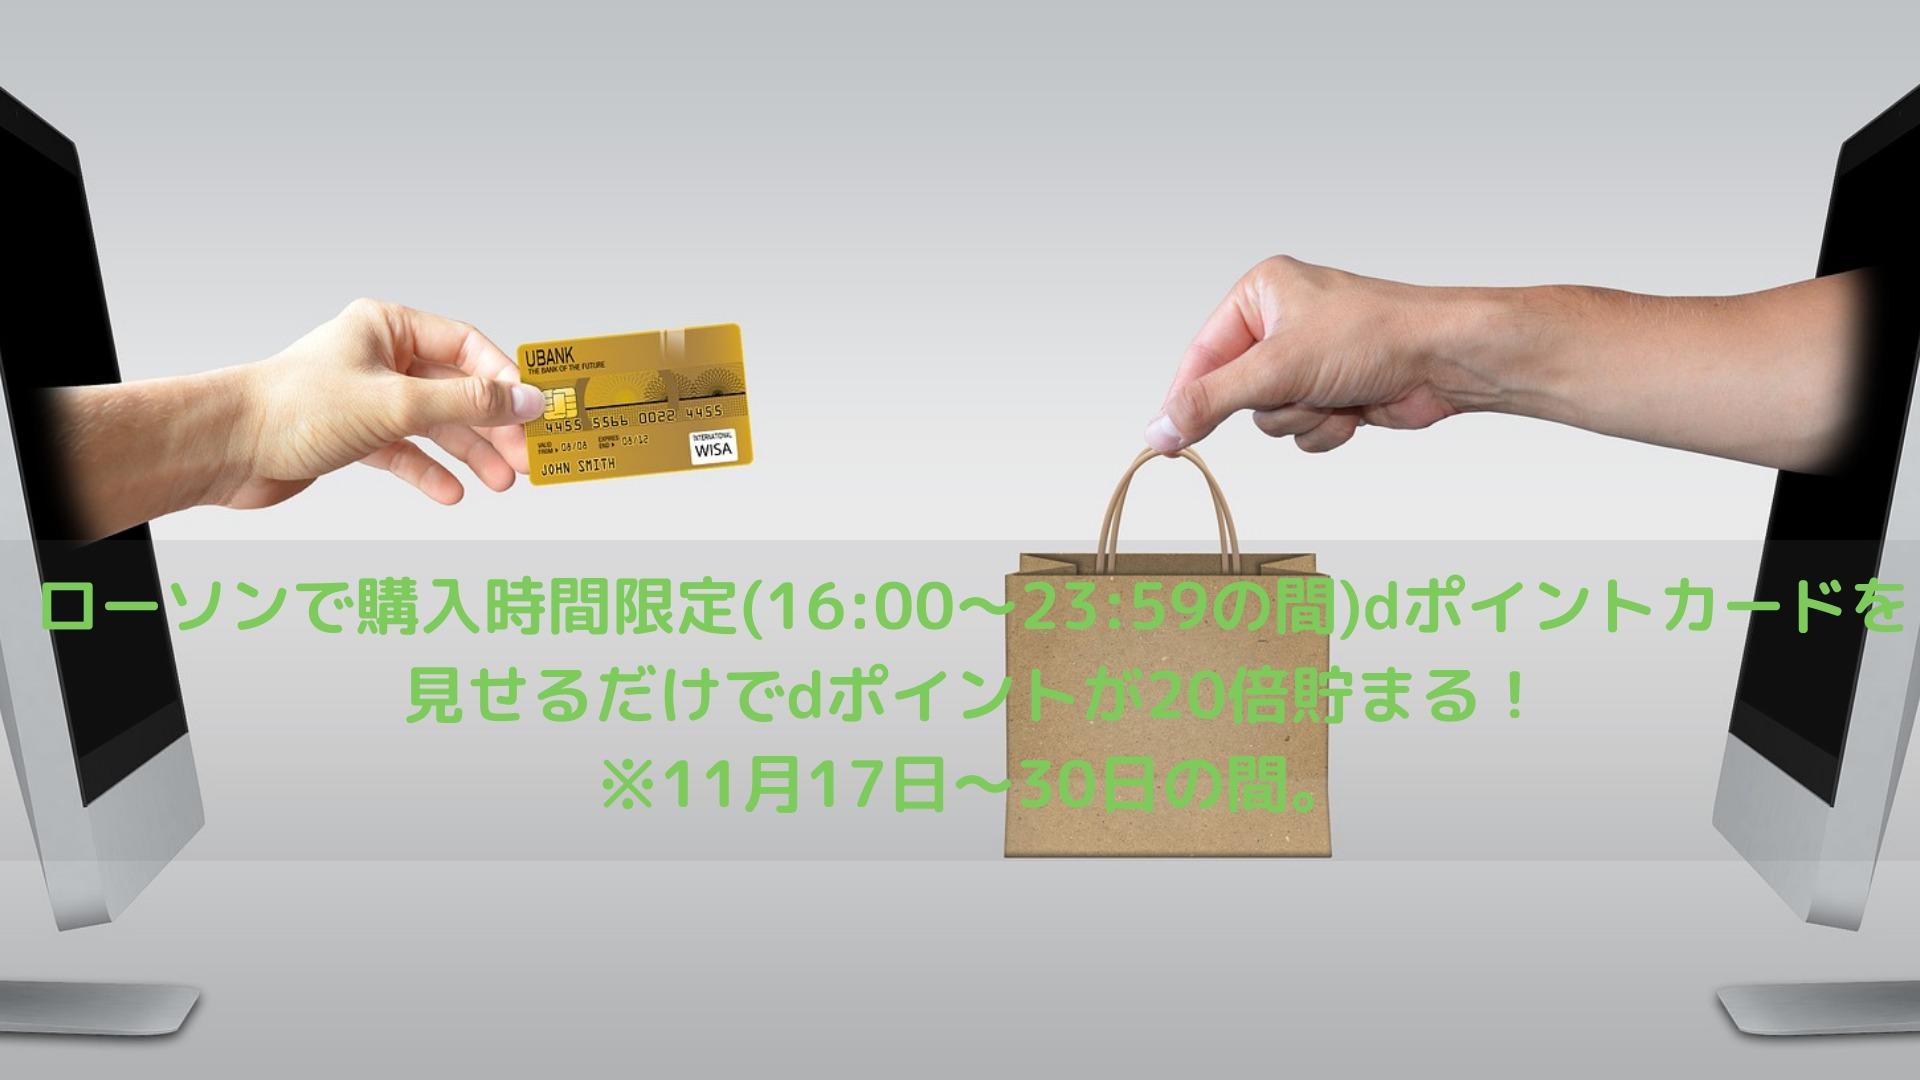 ローソンで購入時間限定(16:00~23:59の間)dポイントカードを見せるだけでdポイントが20倍貯まる!※11月17日~30日の間。